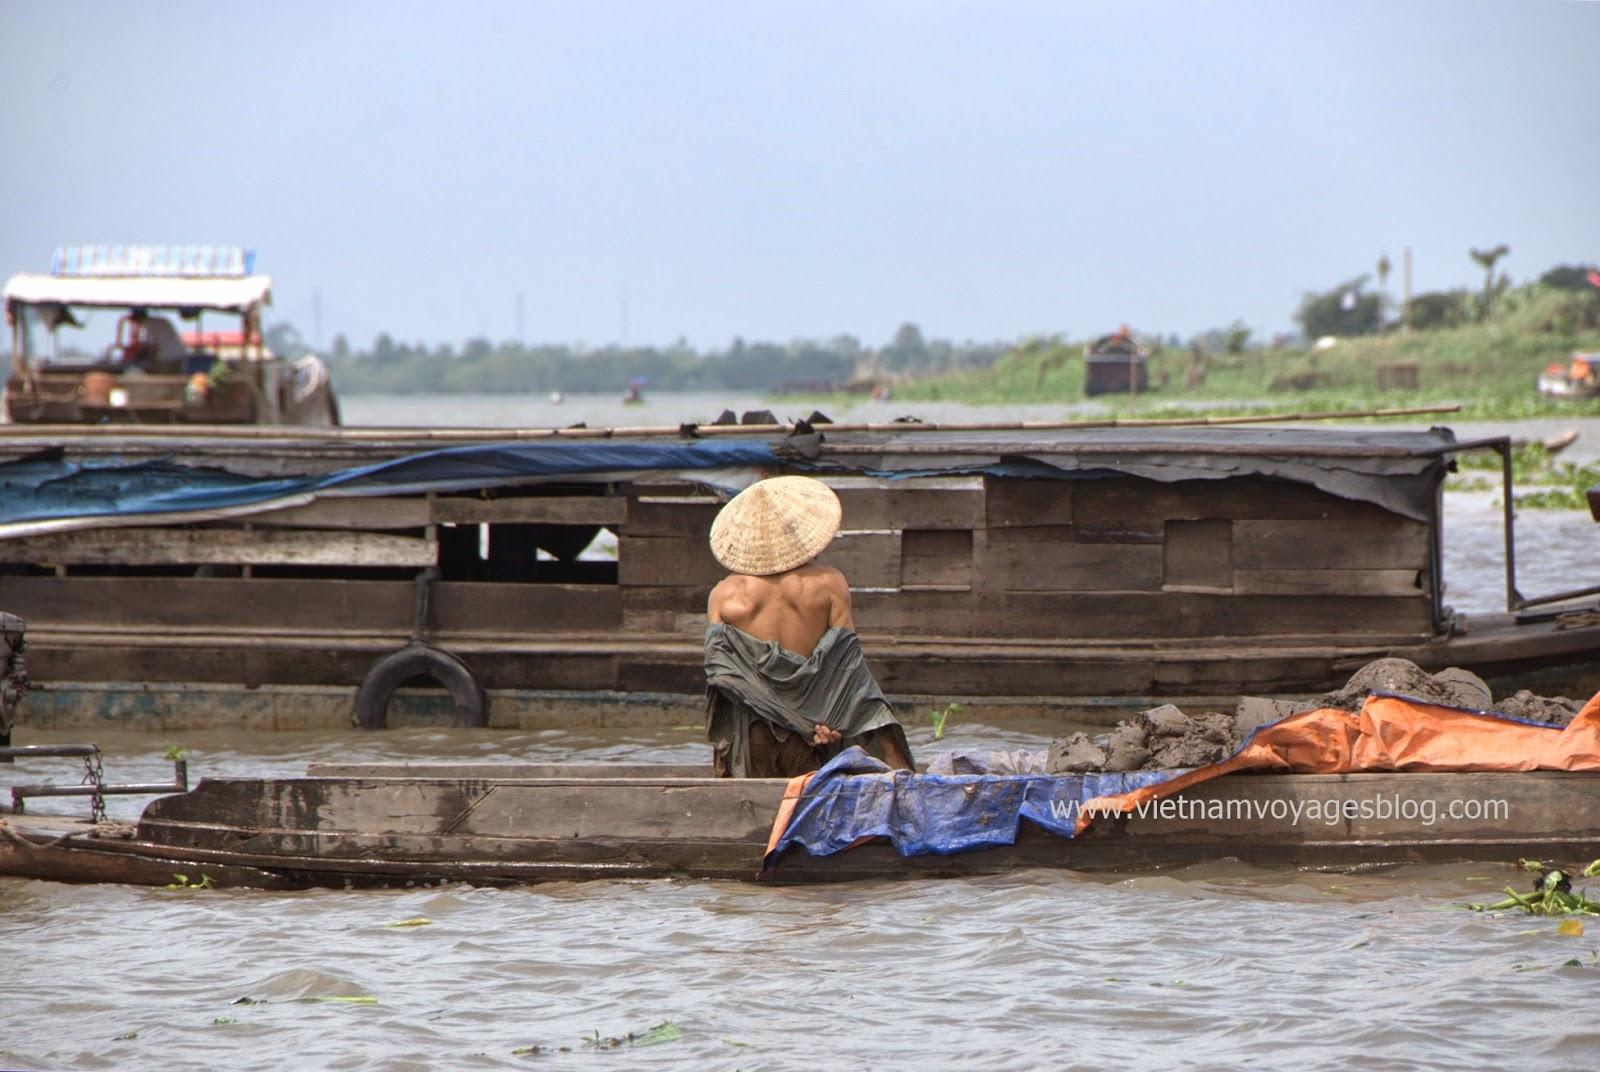 Cuộc sống thường ngày ở miền tây sông nước